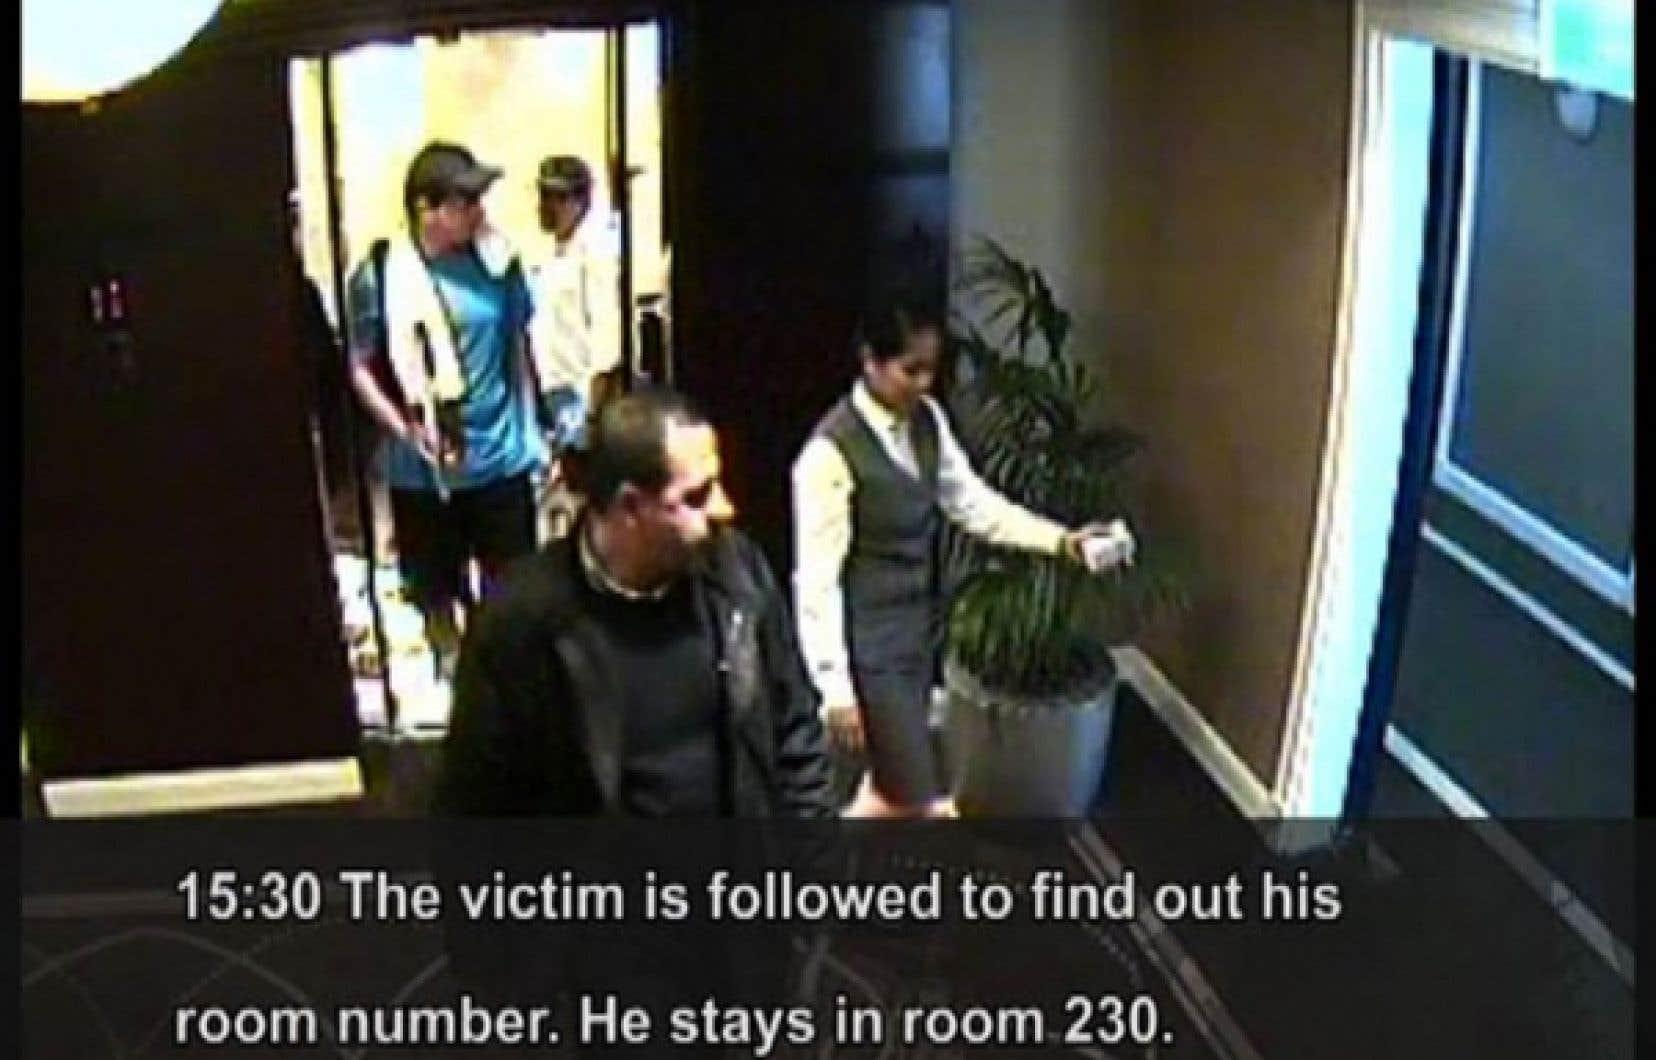 Mahmoud al-Mabhouh était suivi par ses assassins présumés dans une vidéo rendue publique par la police de Dubaï.